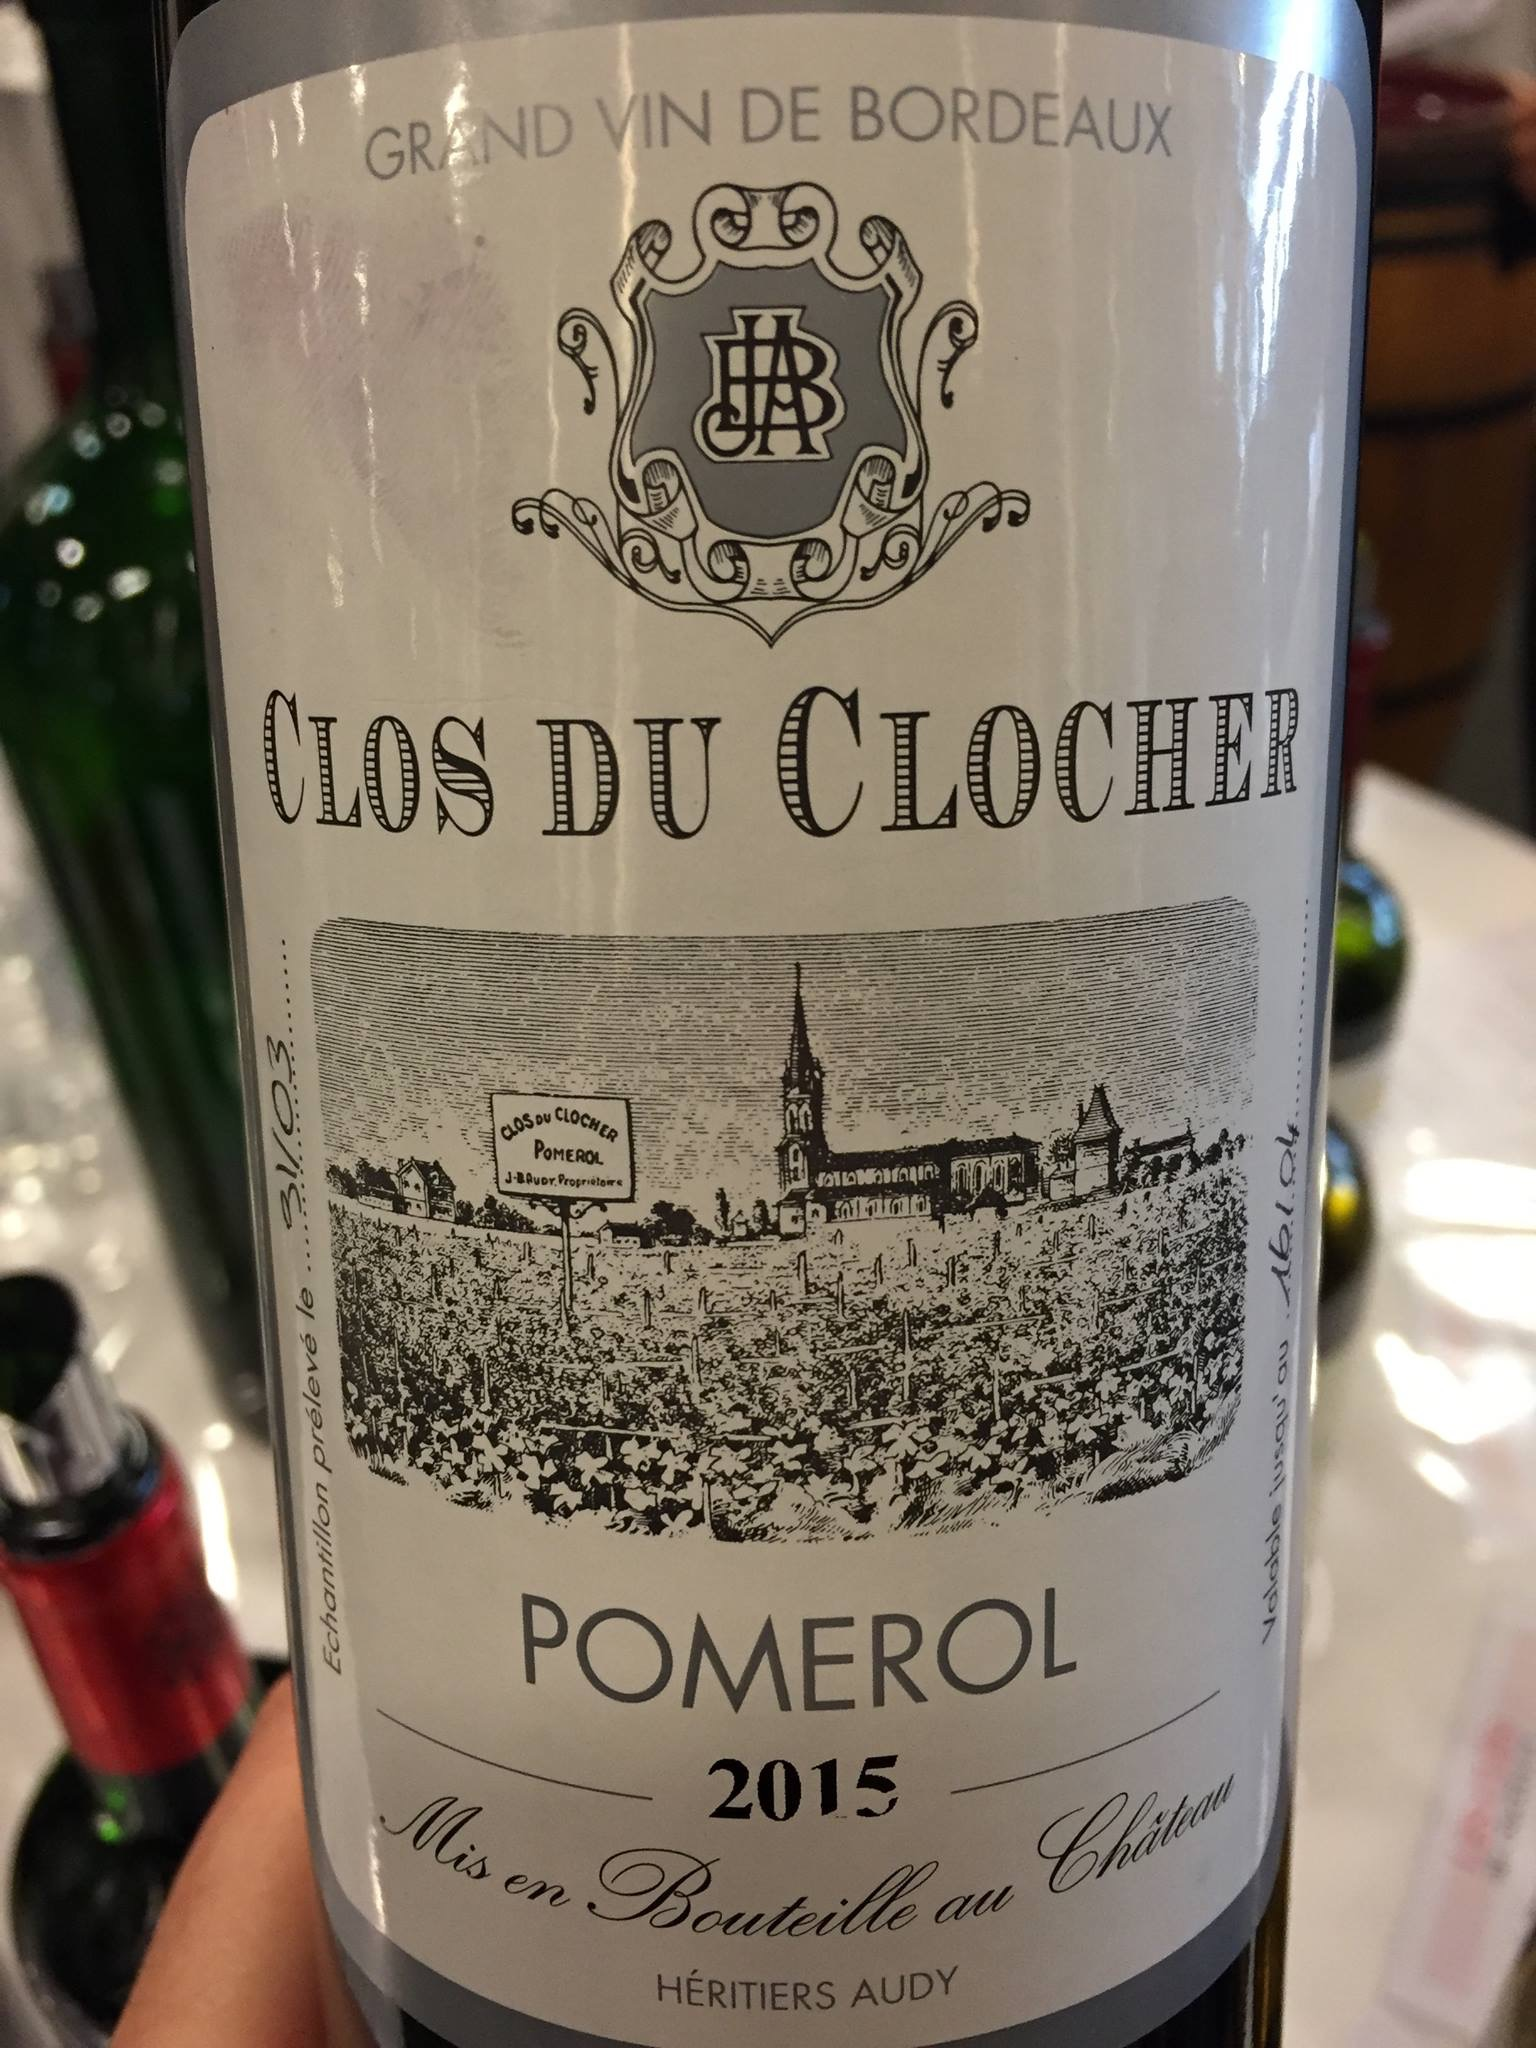 Clos du Clocher 2015 – Pomerol